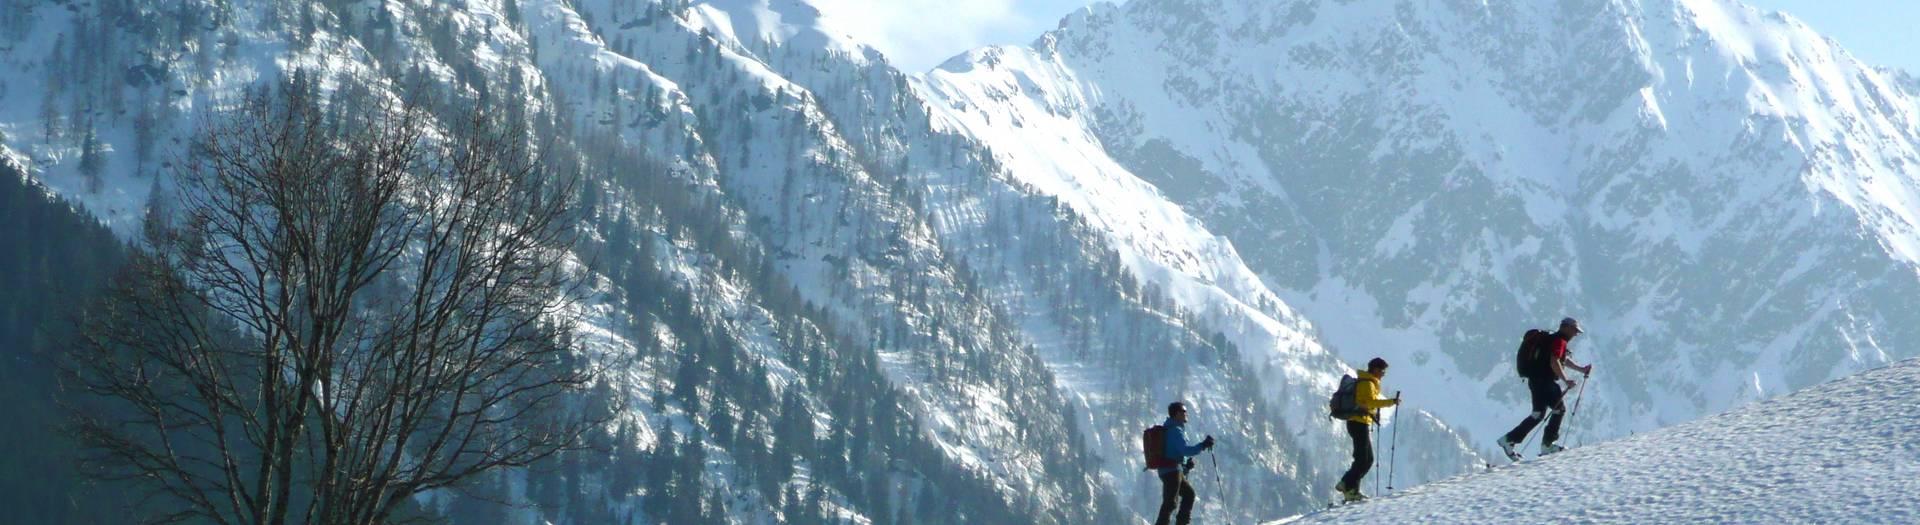 Skitour im Lesachtal in der Naturarena Kärnten